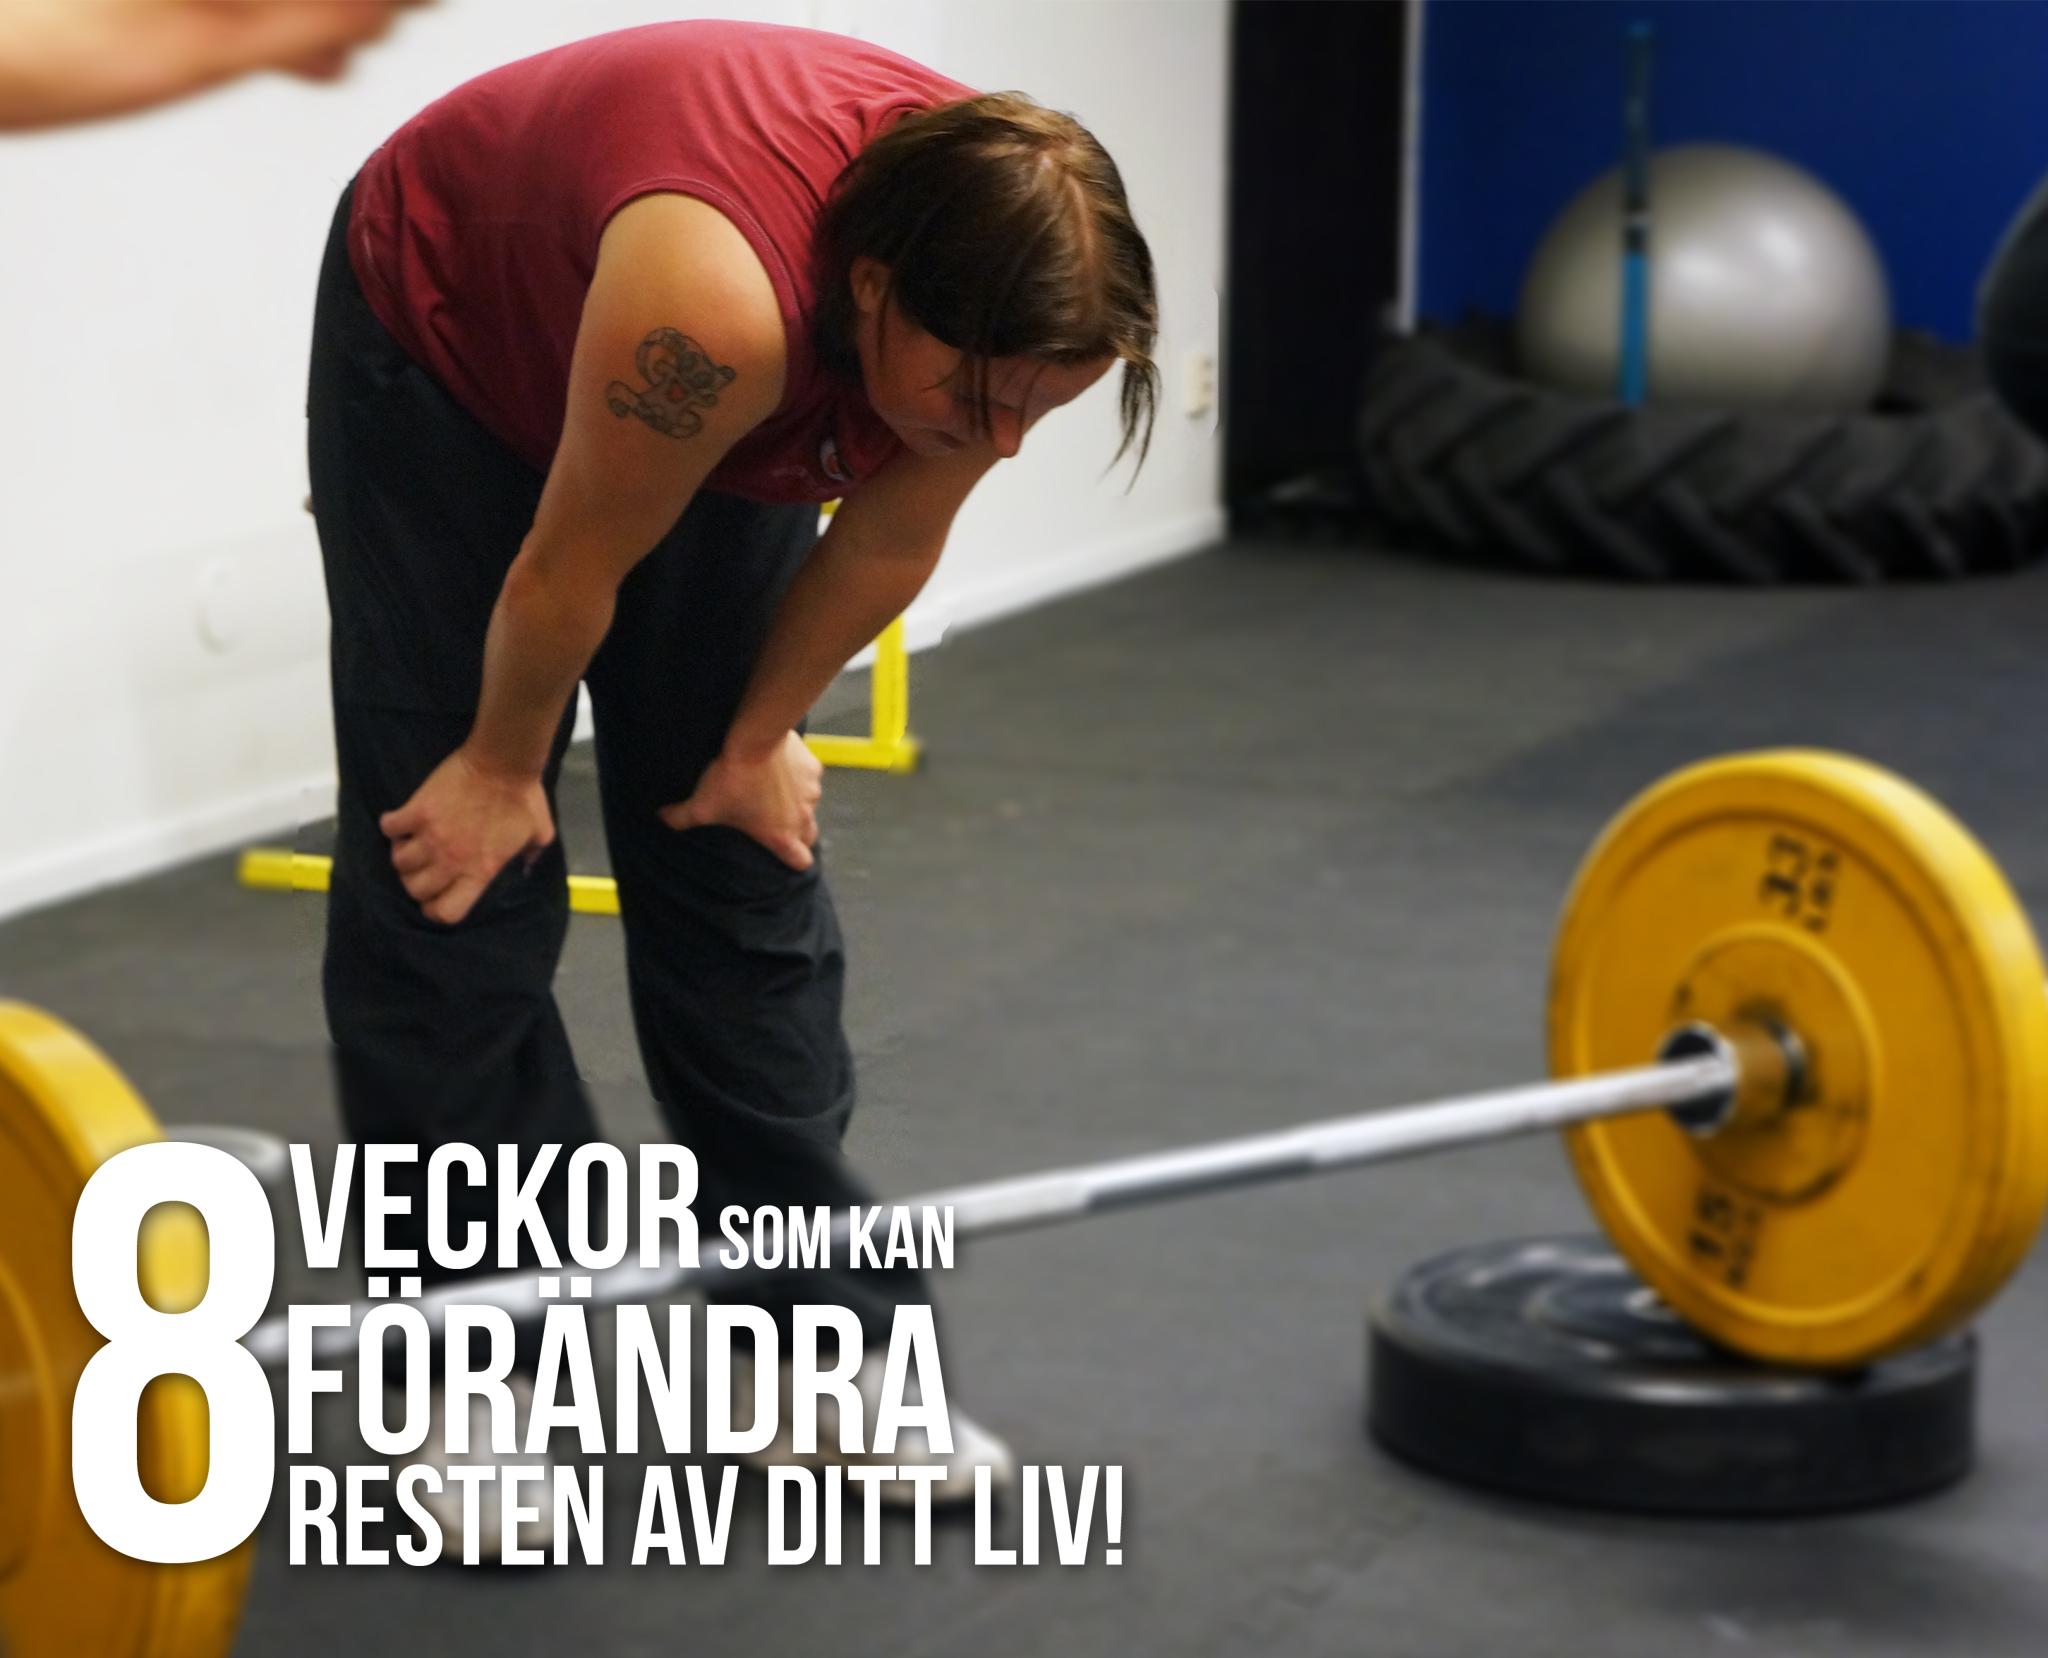 jills resa personlig träning pt personlig tränare förändring västerås västmanland itrim i trim gå ner i vikt hälsa